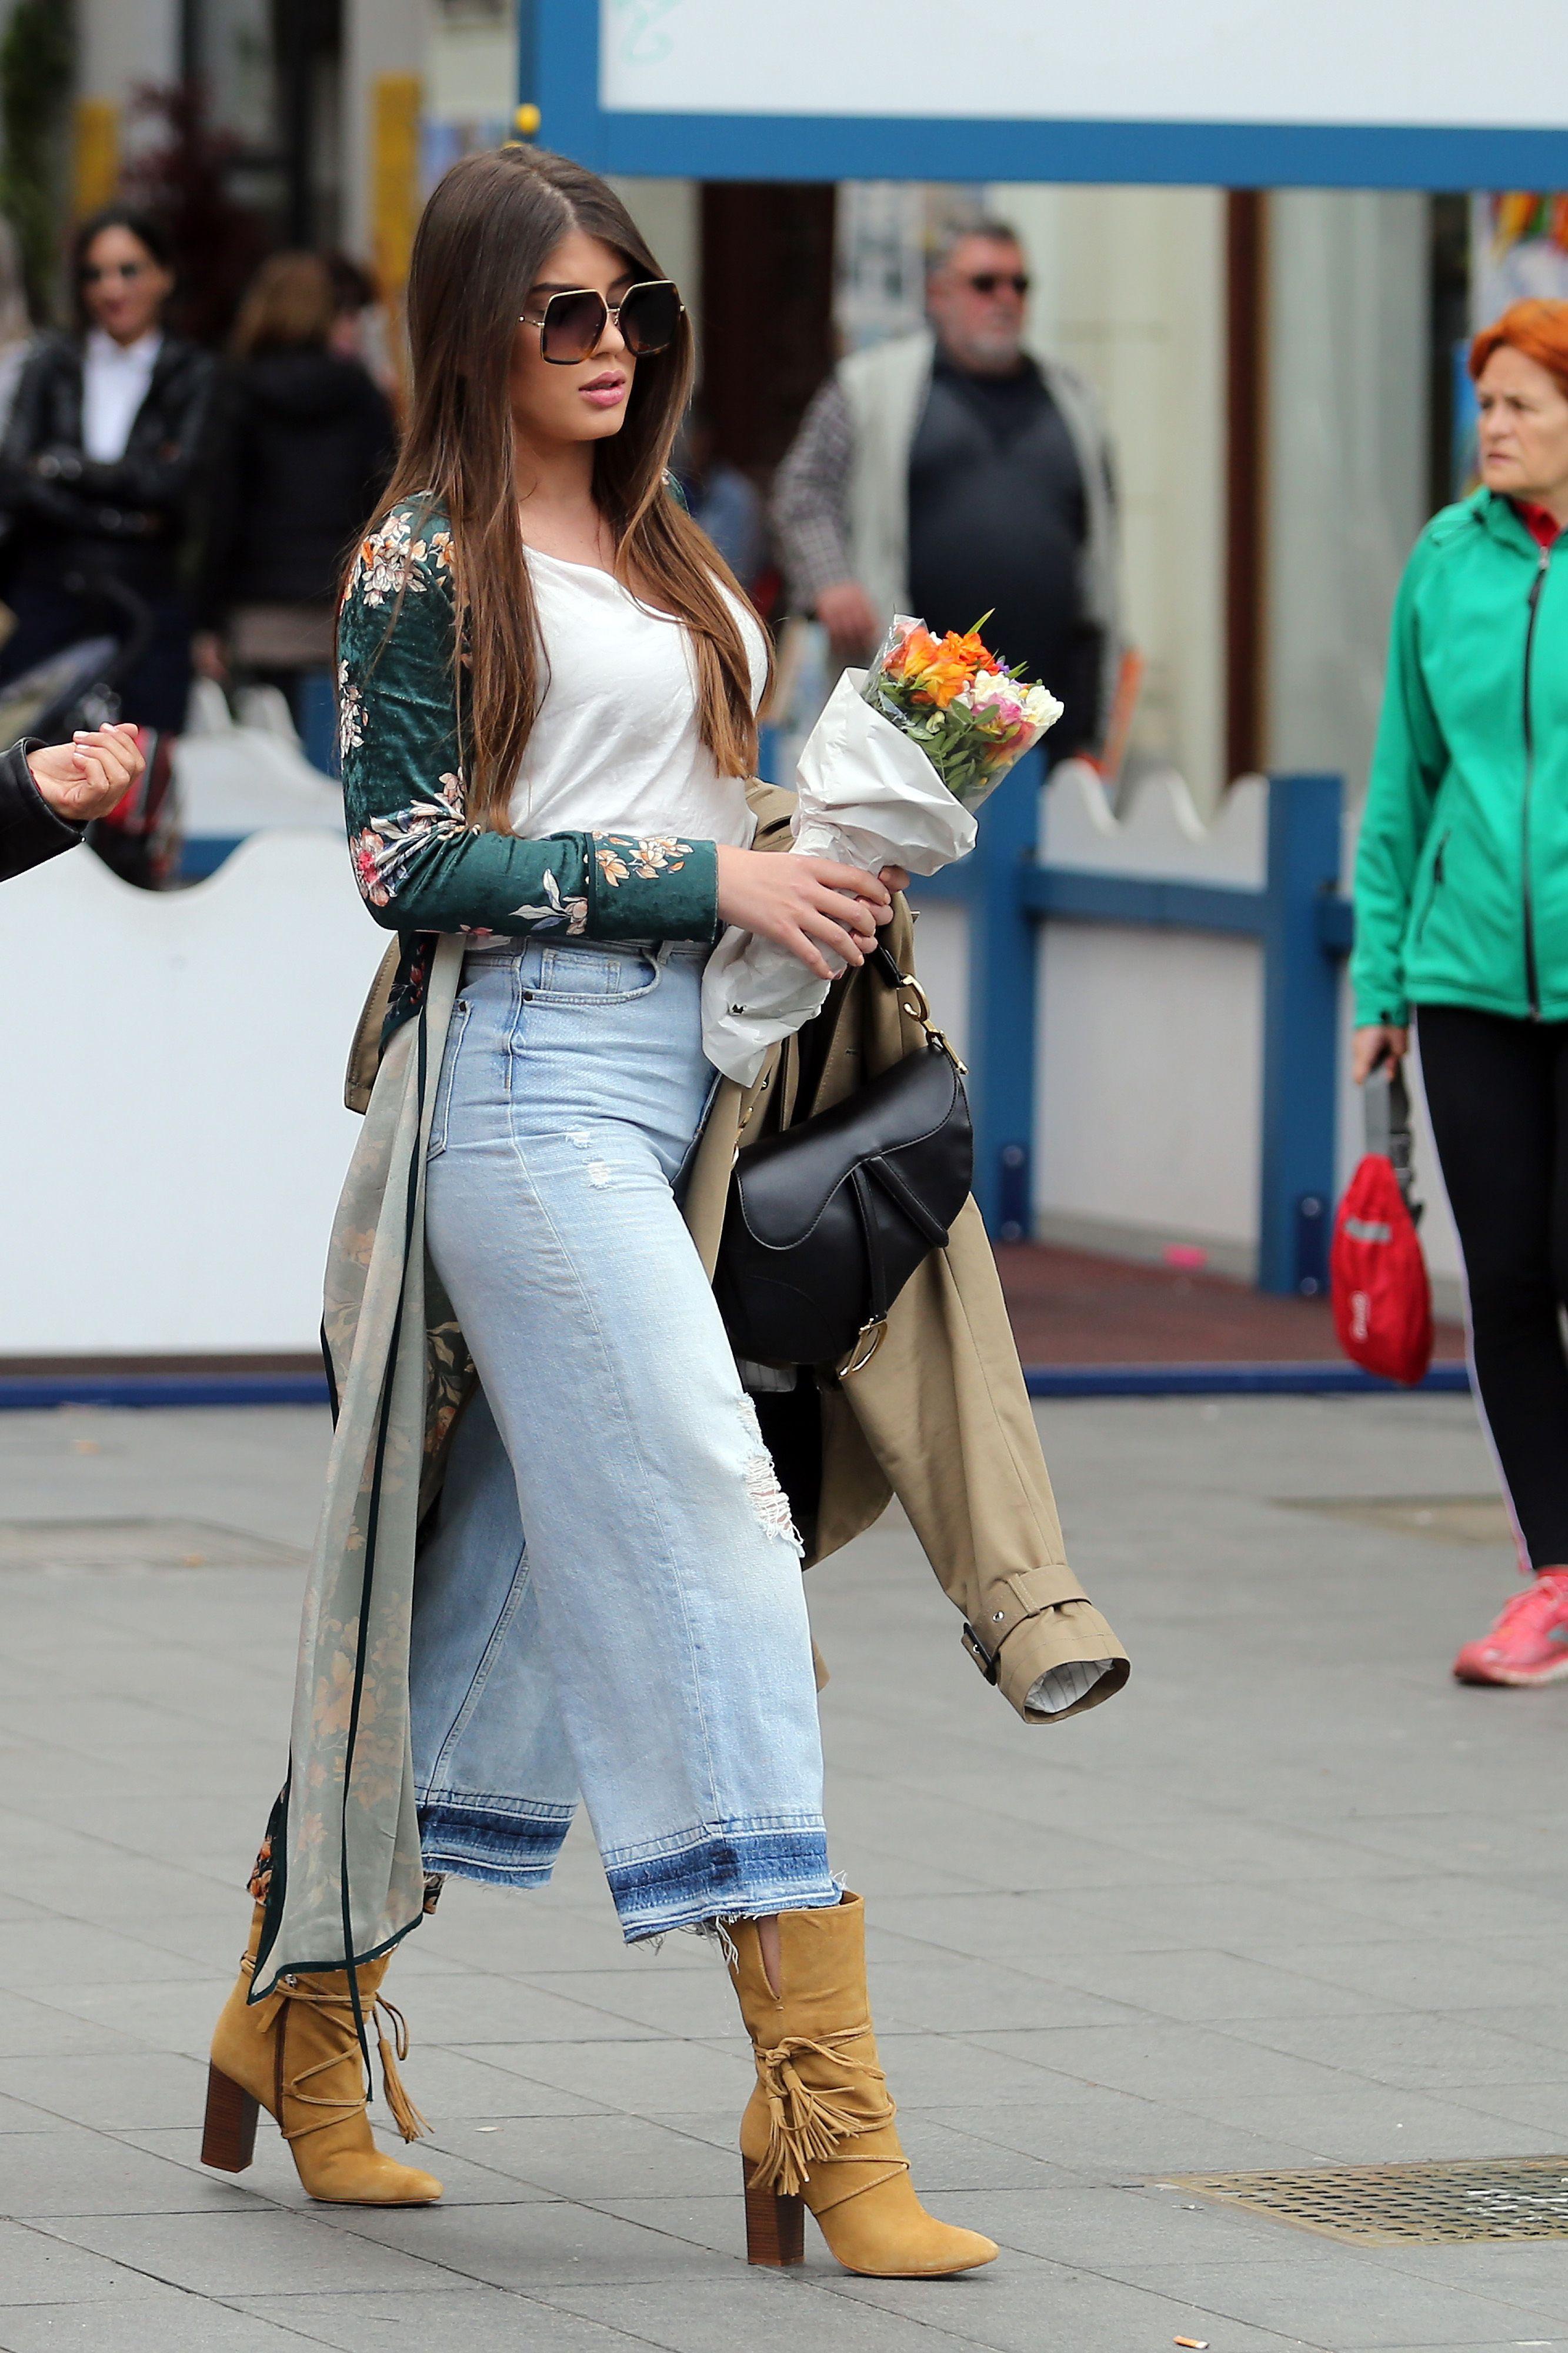 Ne može baš svatko isfurati ovaj model traperica tako dobro kao ova ljepotica